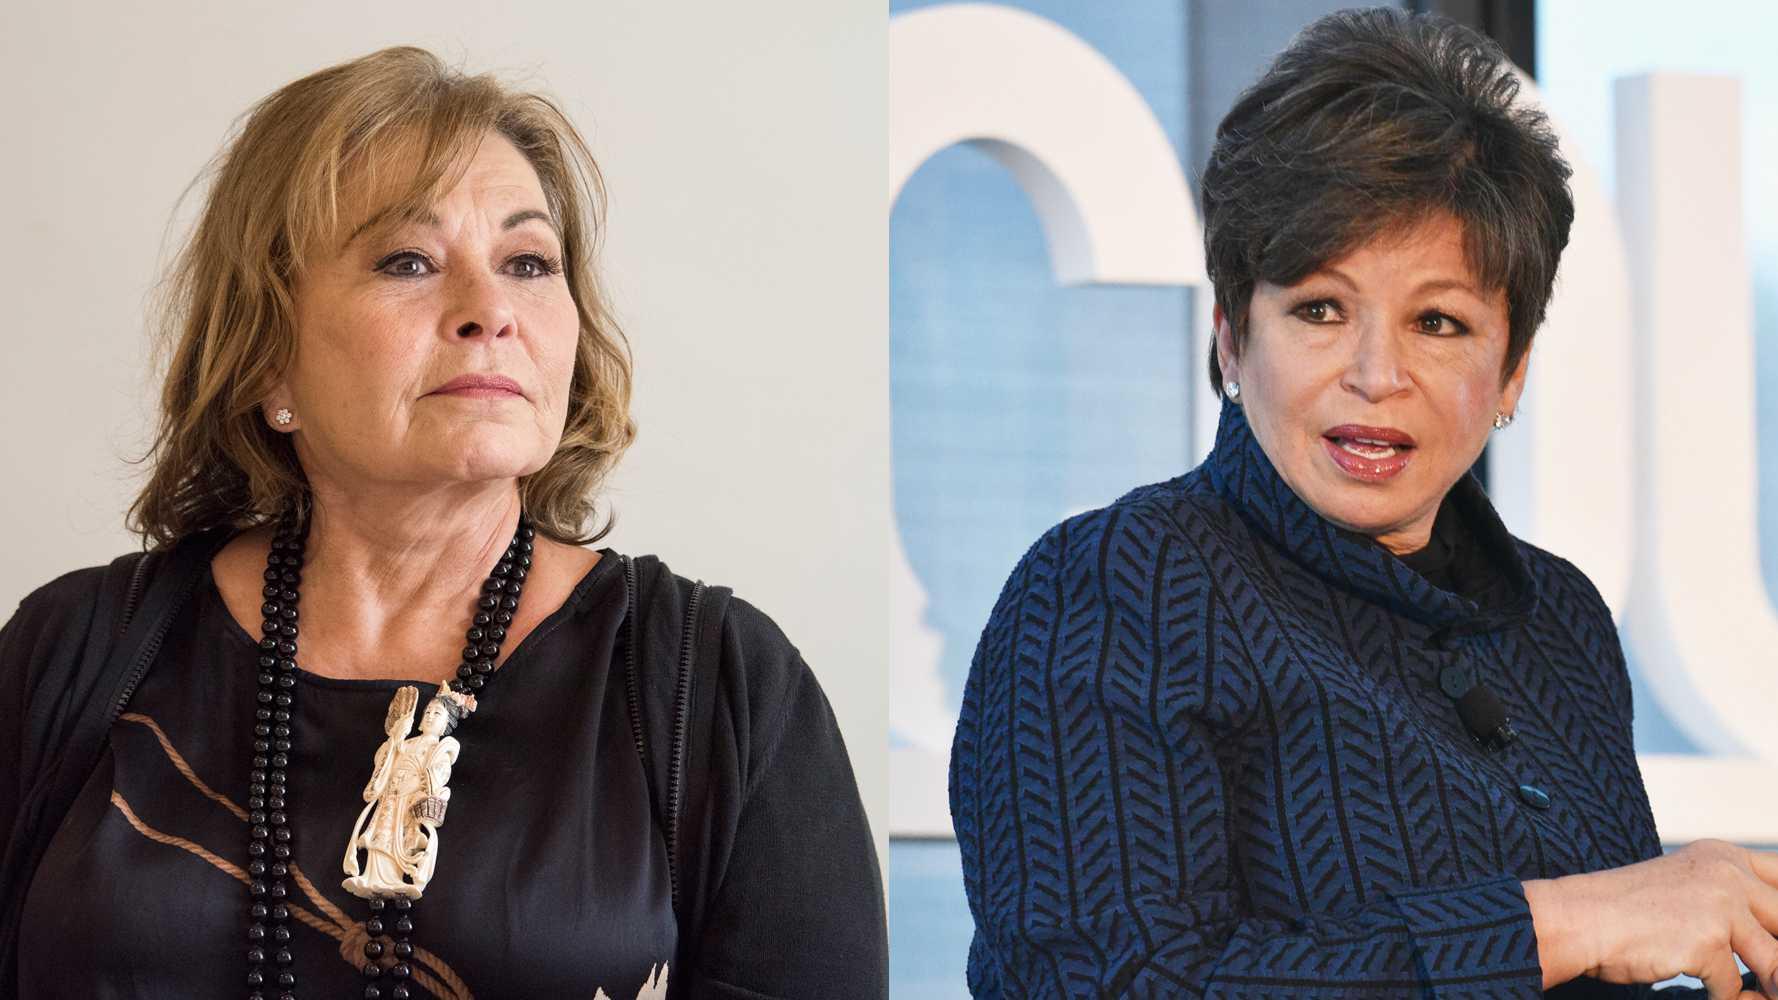 Roseanne Barr and Valerie Jarrett